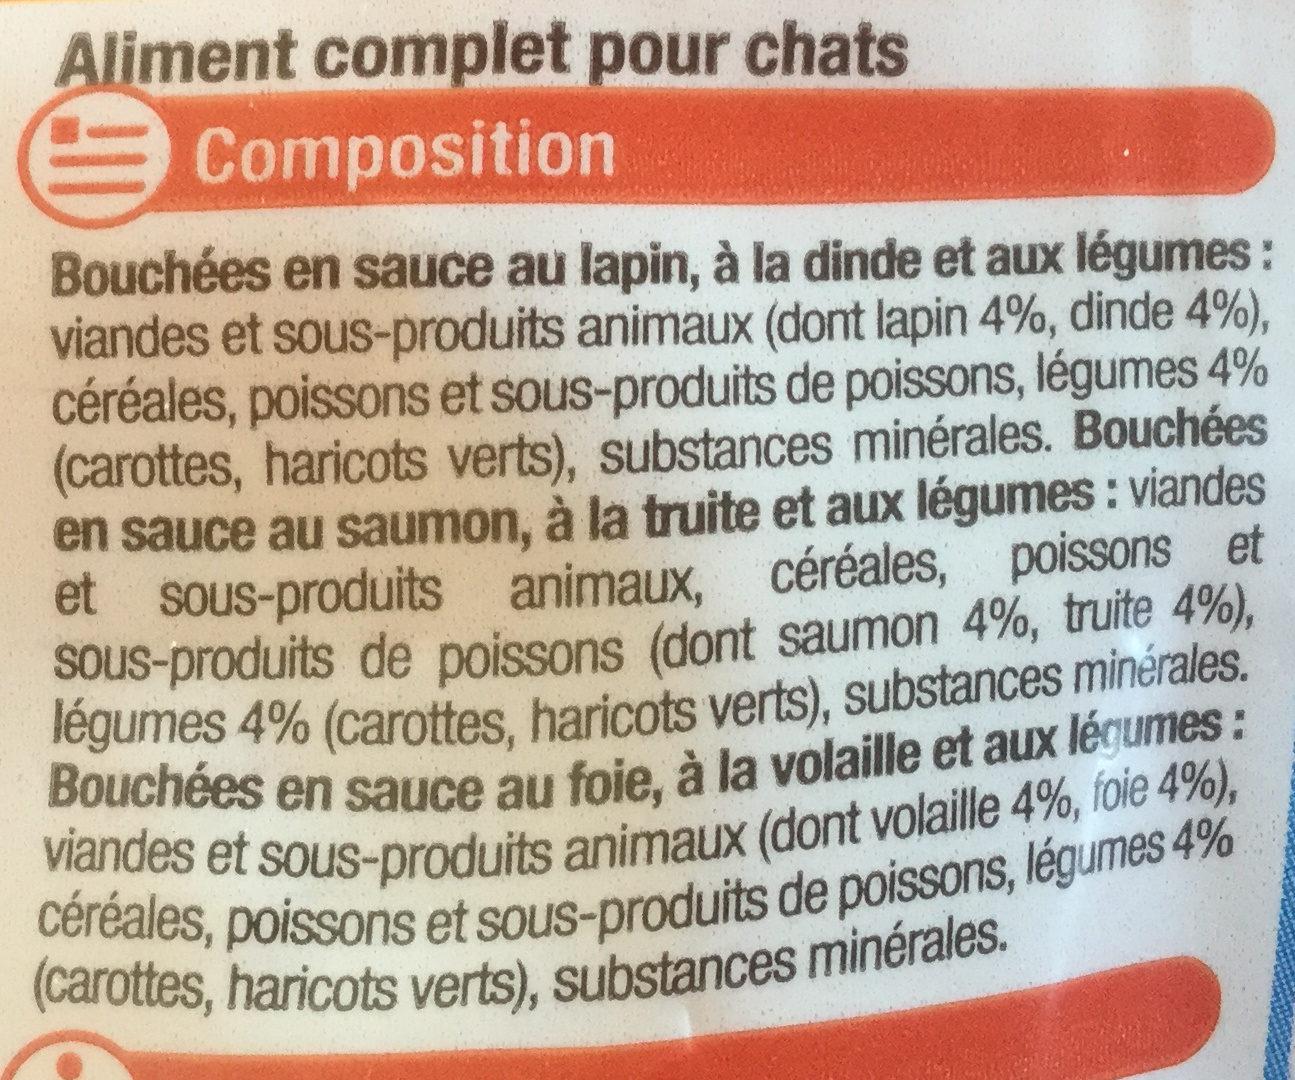 Les Bouchées - Ingredients - fr